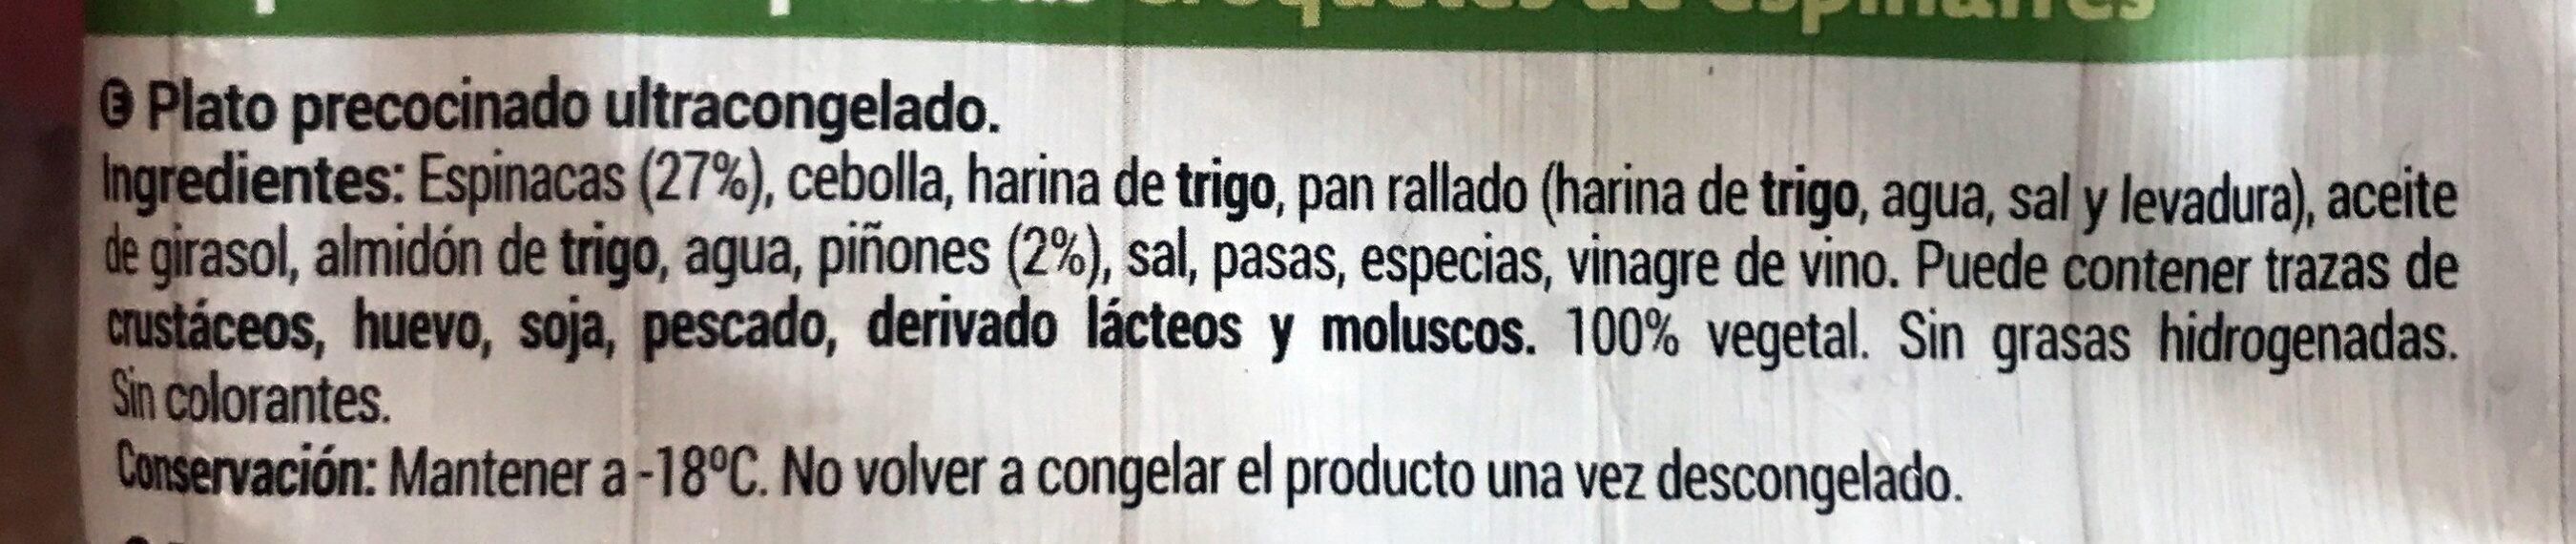 Croquetas espinacas - Ingredientes - es